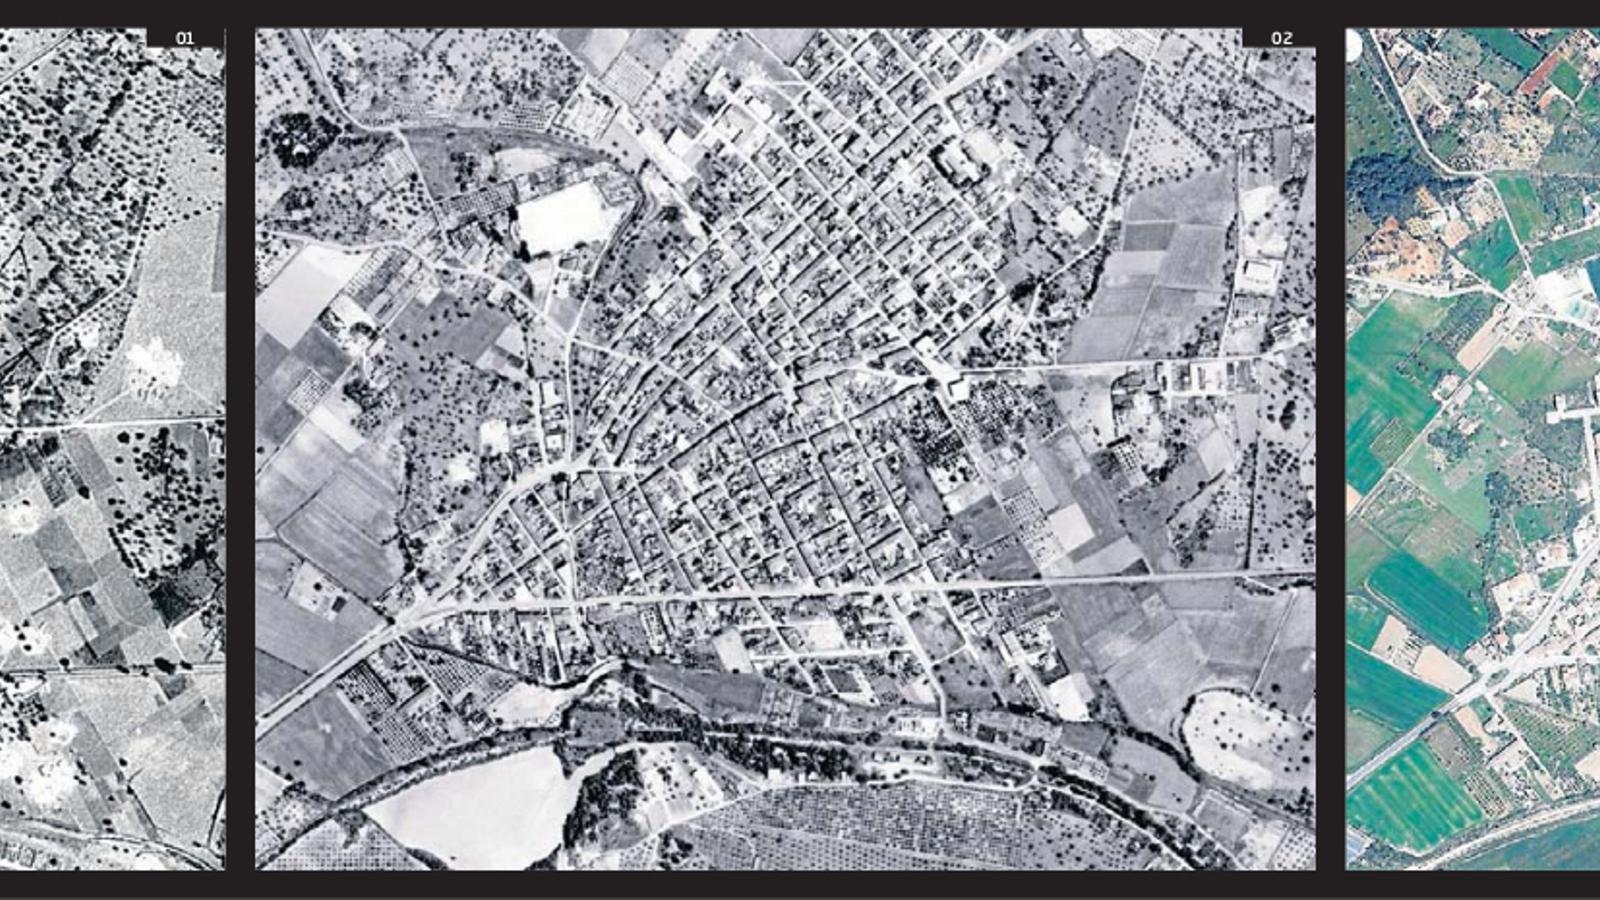 Evolució urbanística de Sant Llorenç: 01. Mapa de 1956. Als costats del torrent de les Planes no hi ha construccions. 02. El 1989, el poble s'ha acostat al torrent. 03. El 2015, tot i haver ampliat el torrent, hi ha més construccions a les voreres i a la ronda de baix